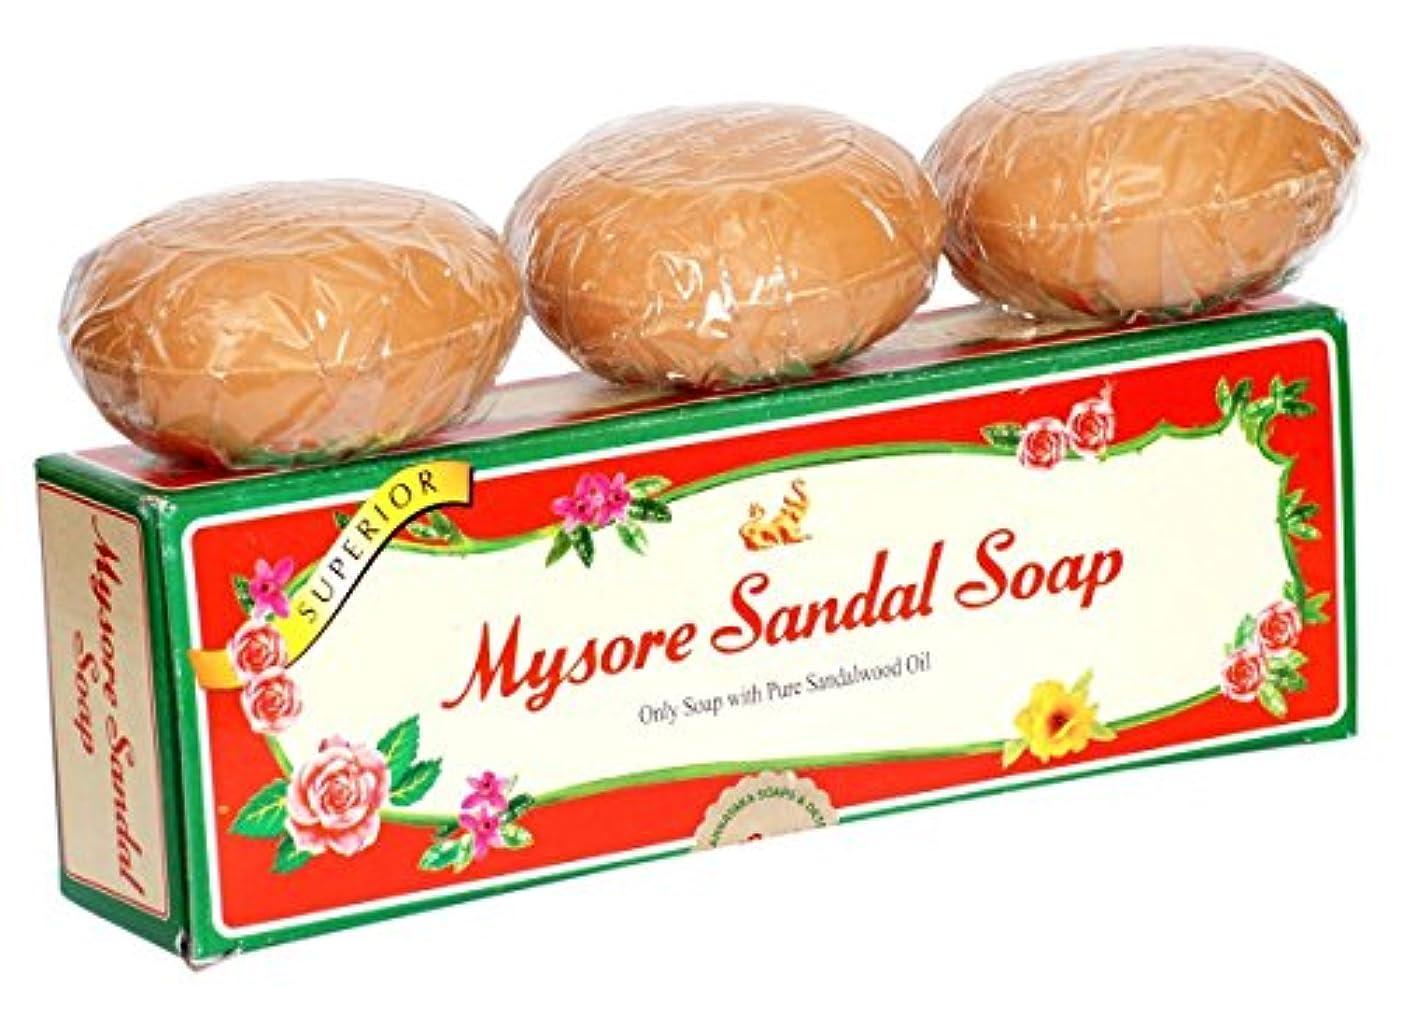 または美人理論的Mysore Pure Natural Sandalwood Oil Ayurvedic Soap - 3 x 150g bars in 1 gift pack